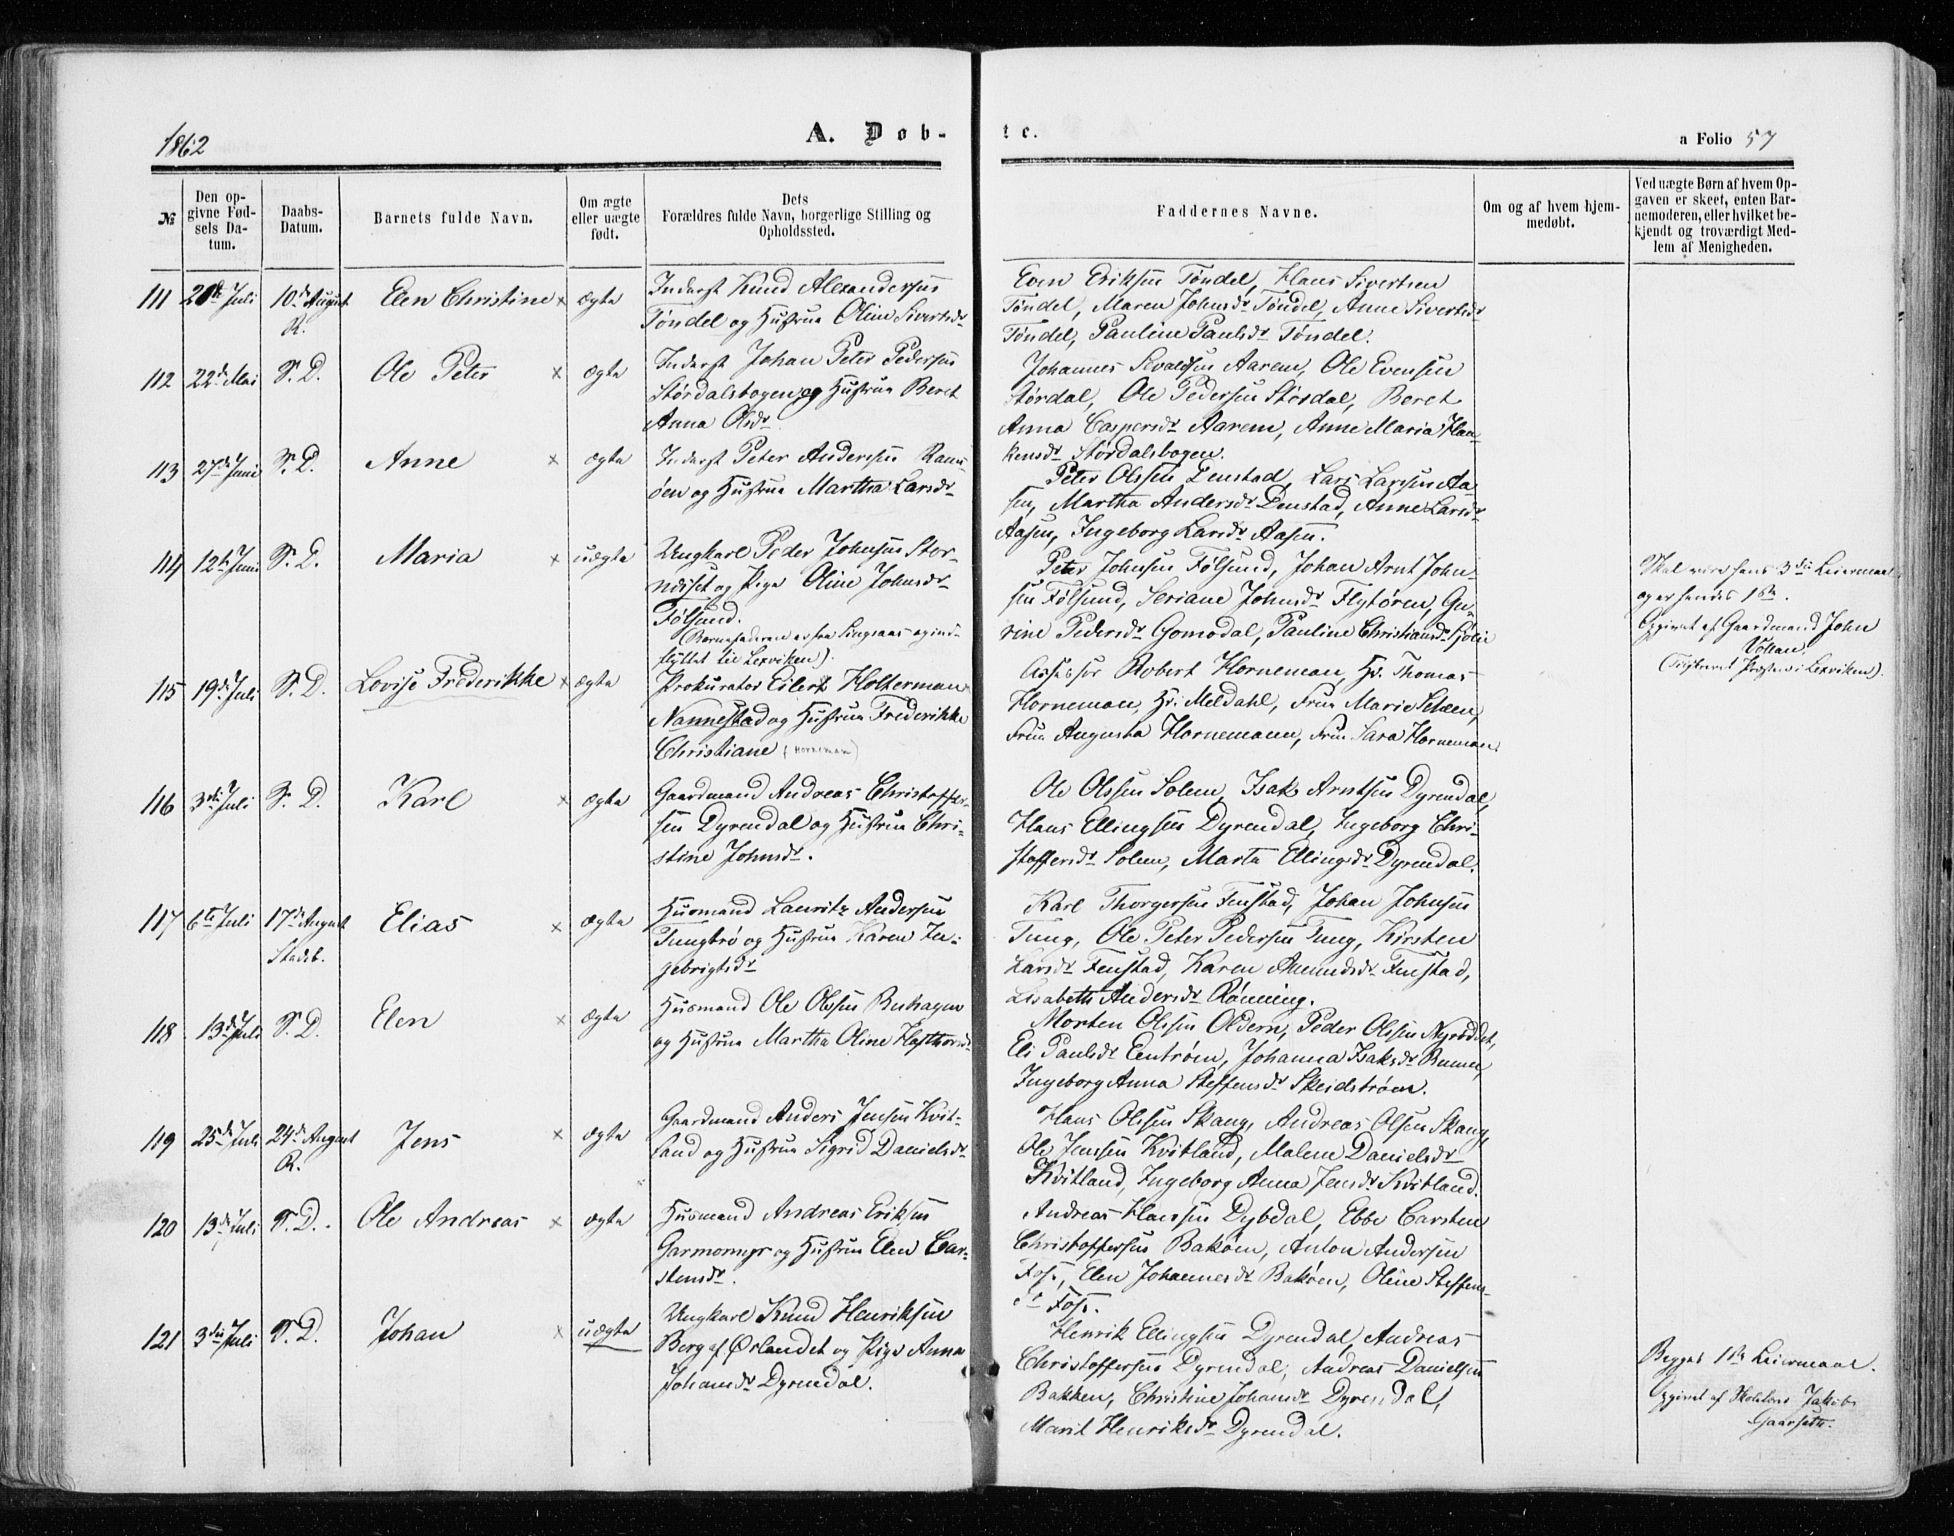 SAT, Ministerialprotokoller, klokkerbøker og fødselsregistre - Sør-Trøndelag, 646/L0612: Ministerialbok nr. 646A10, 1858-1869, s. 57